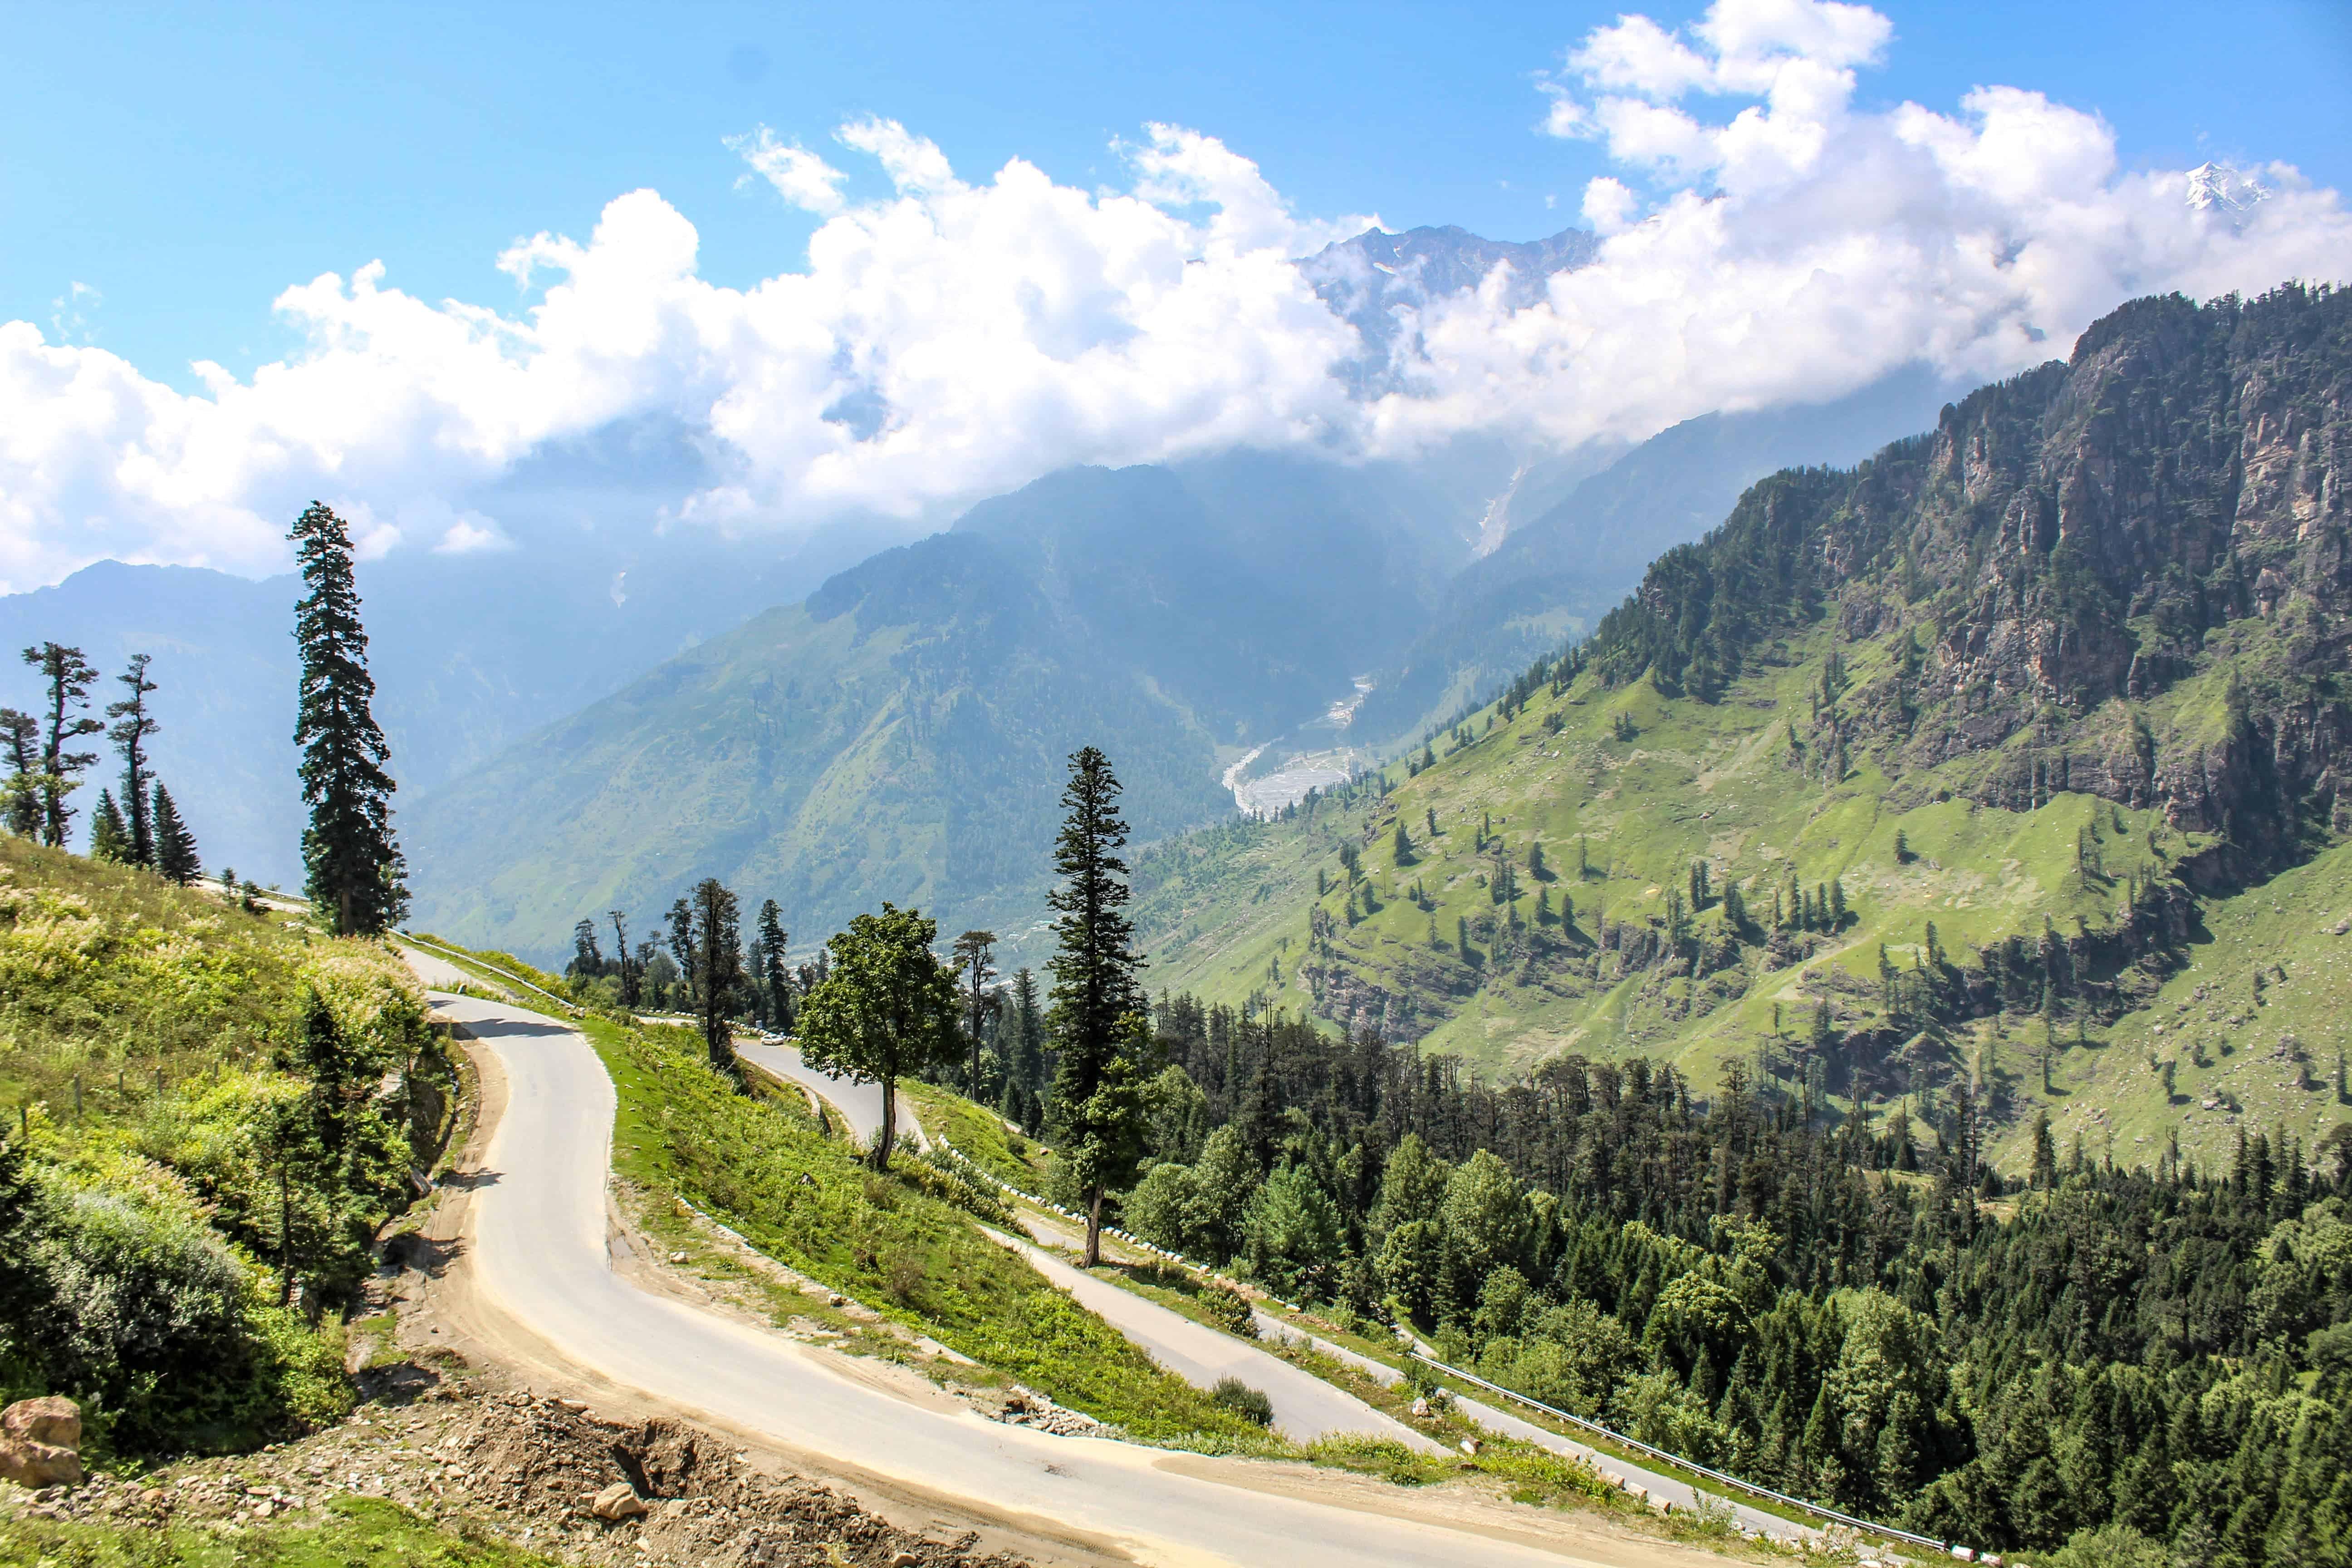 Rohtang-Gulaba road